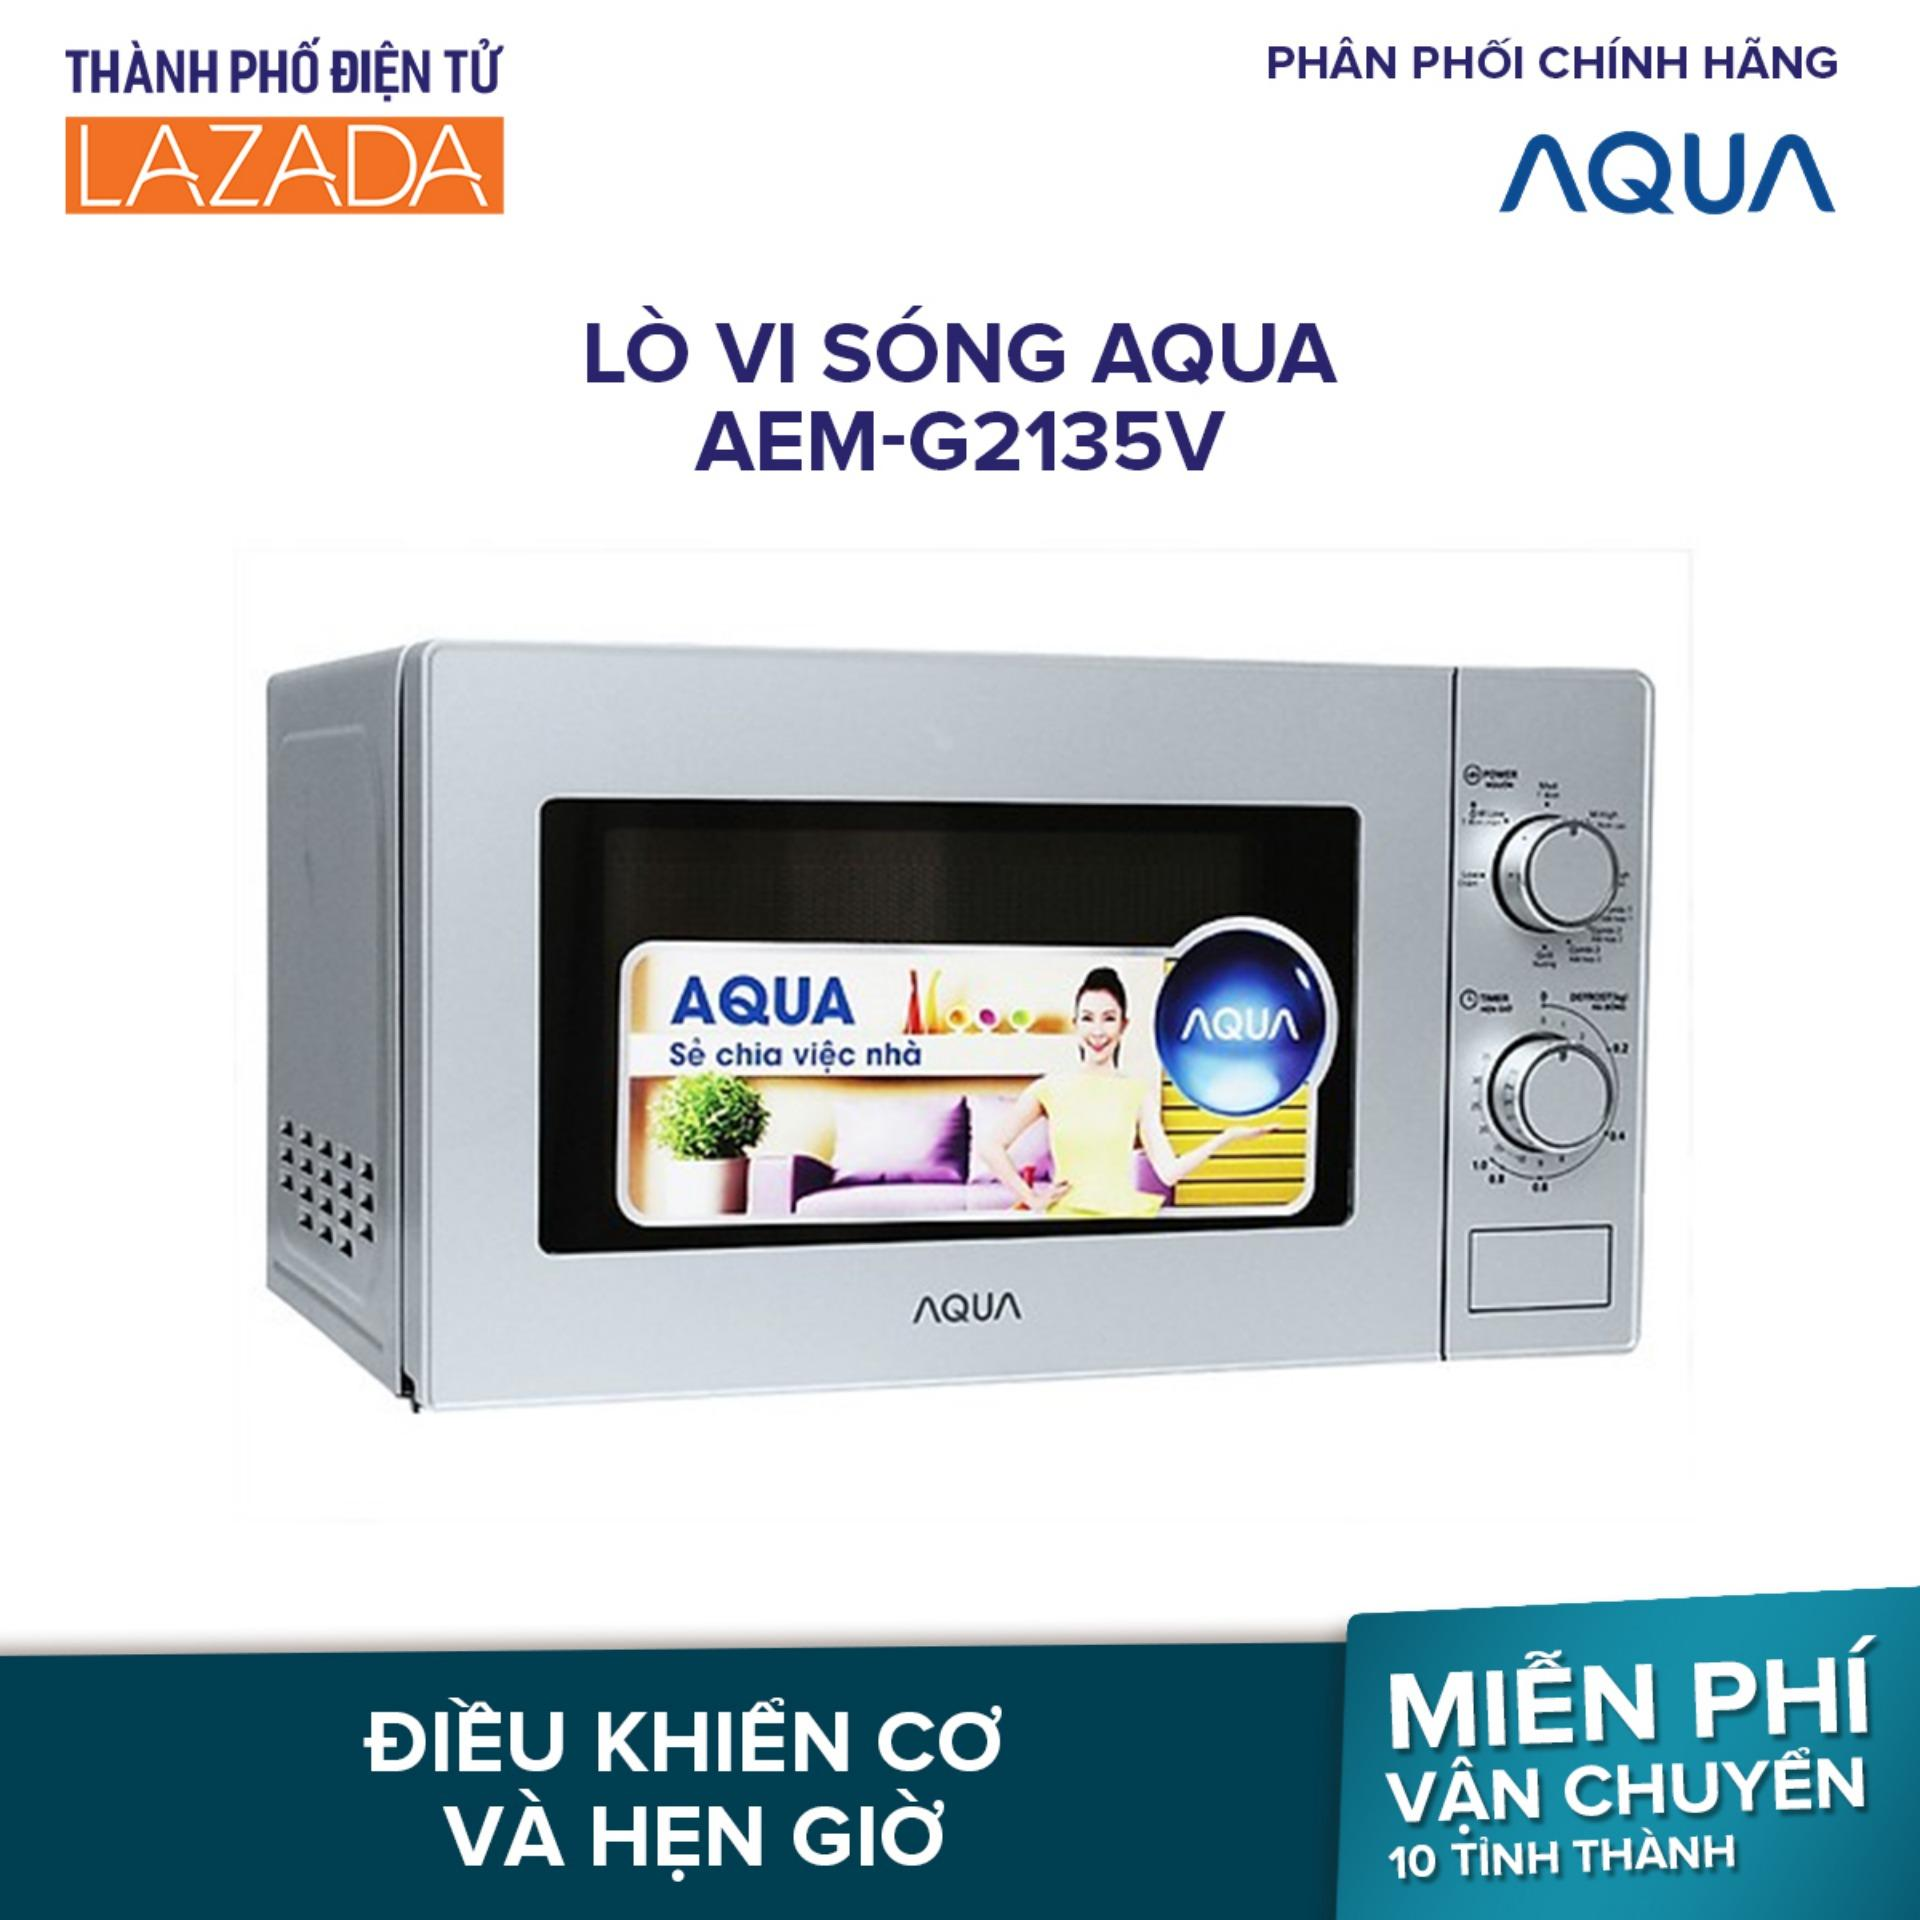 LÒ VI SÓNG AQUA AEM-G2135V - 20L- Công suất vi sóng: 700W, nướng: 1000W; Điều khiển cơ; hẹn giờ - Hàng phân phối chính hãng